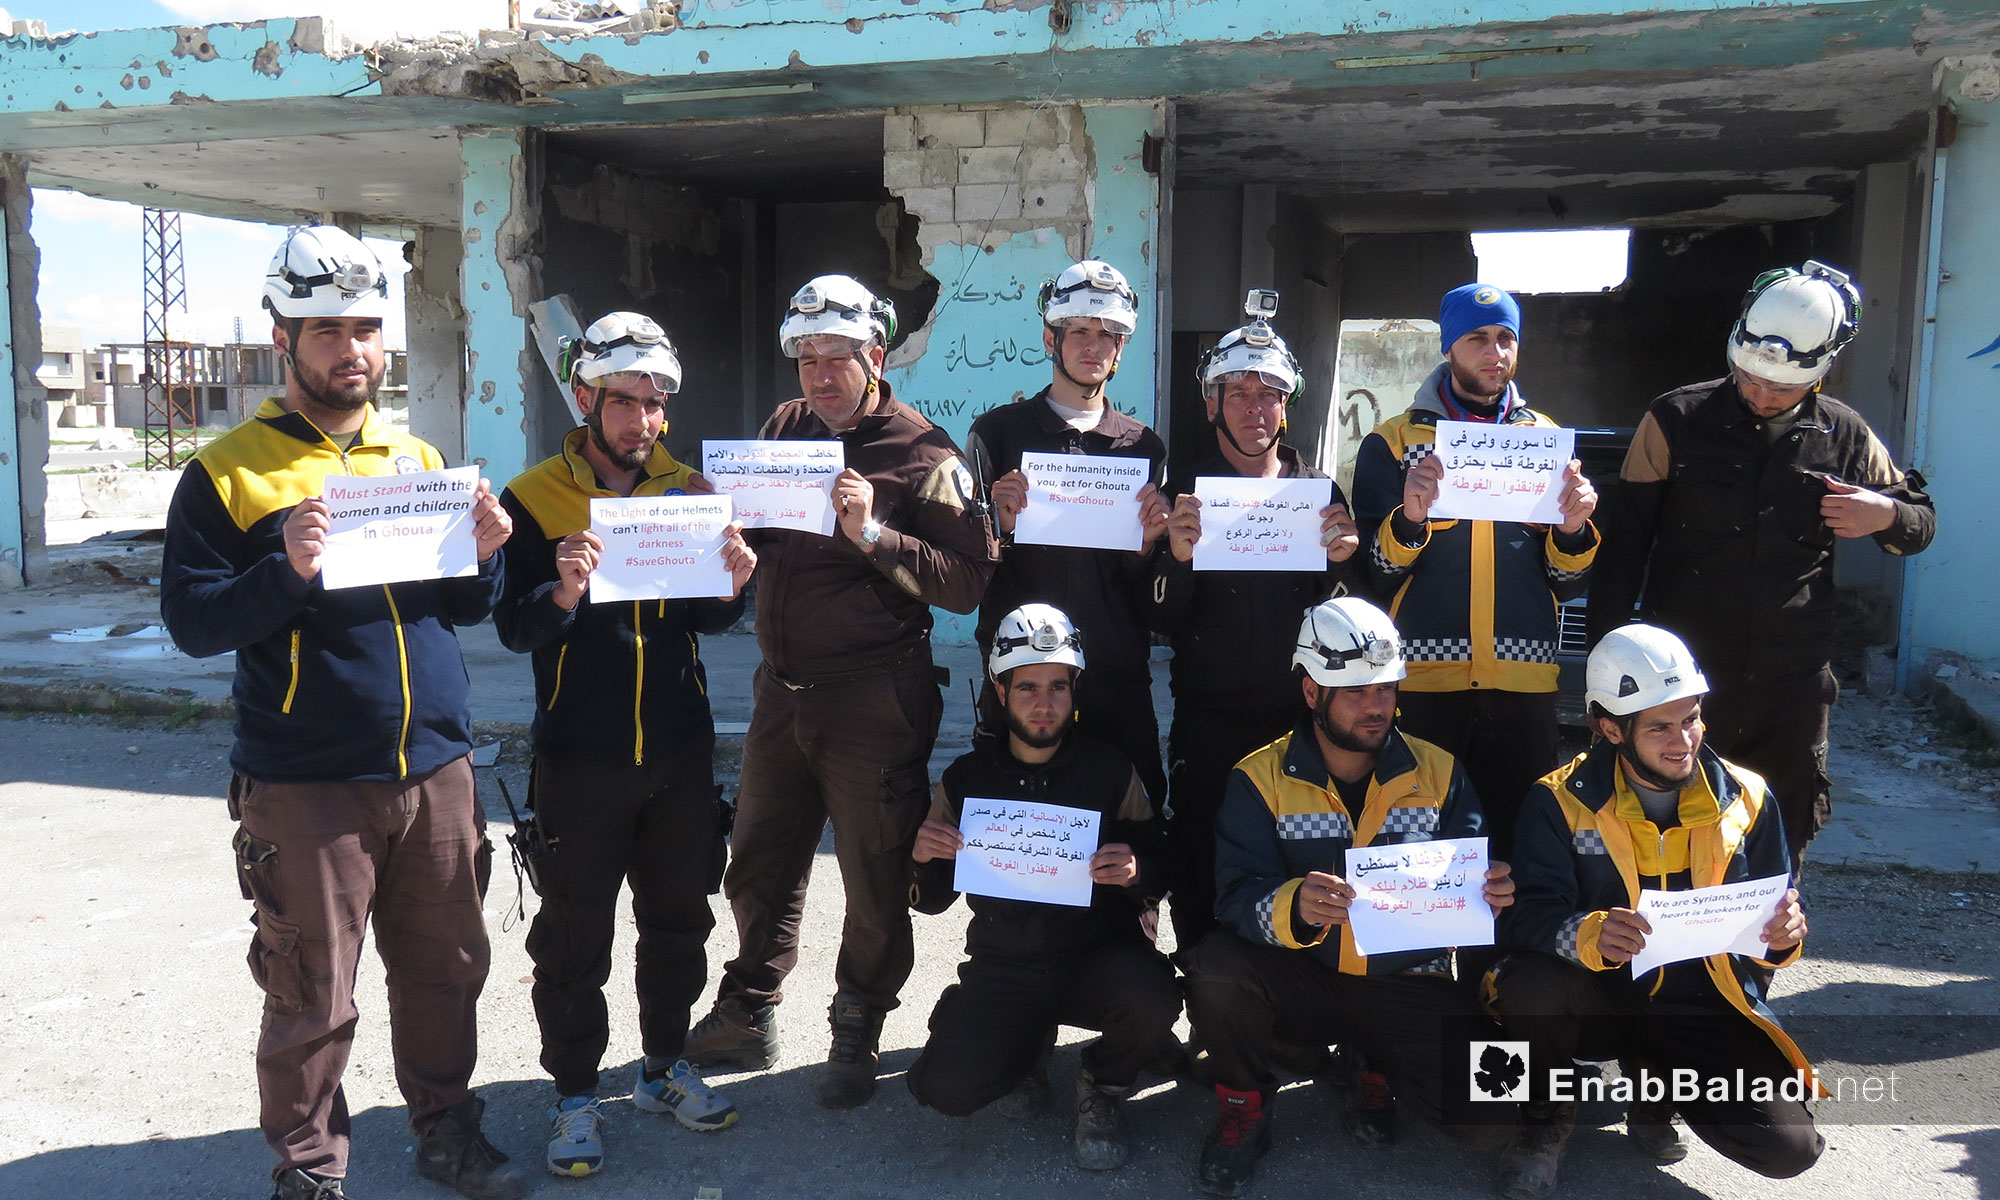 وقفة تضامنية لمراكز الدفاع  المدني مع اهالي غوطة دمشق في مدينة مورك بريف حماه الشمالي - 16 آذار 2018 (عنب بلدي)